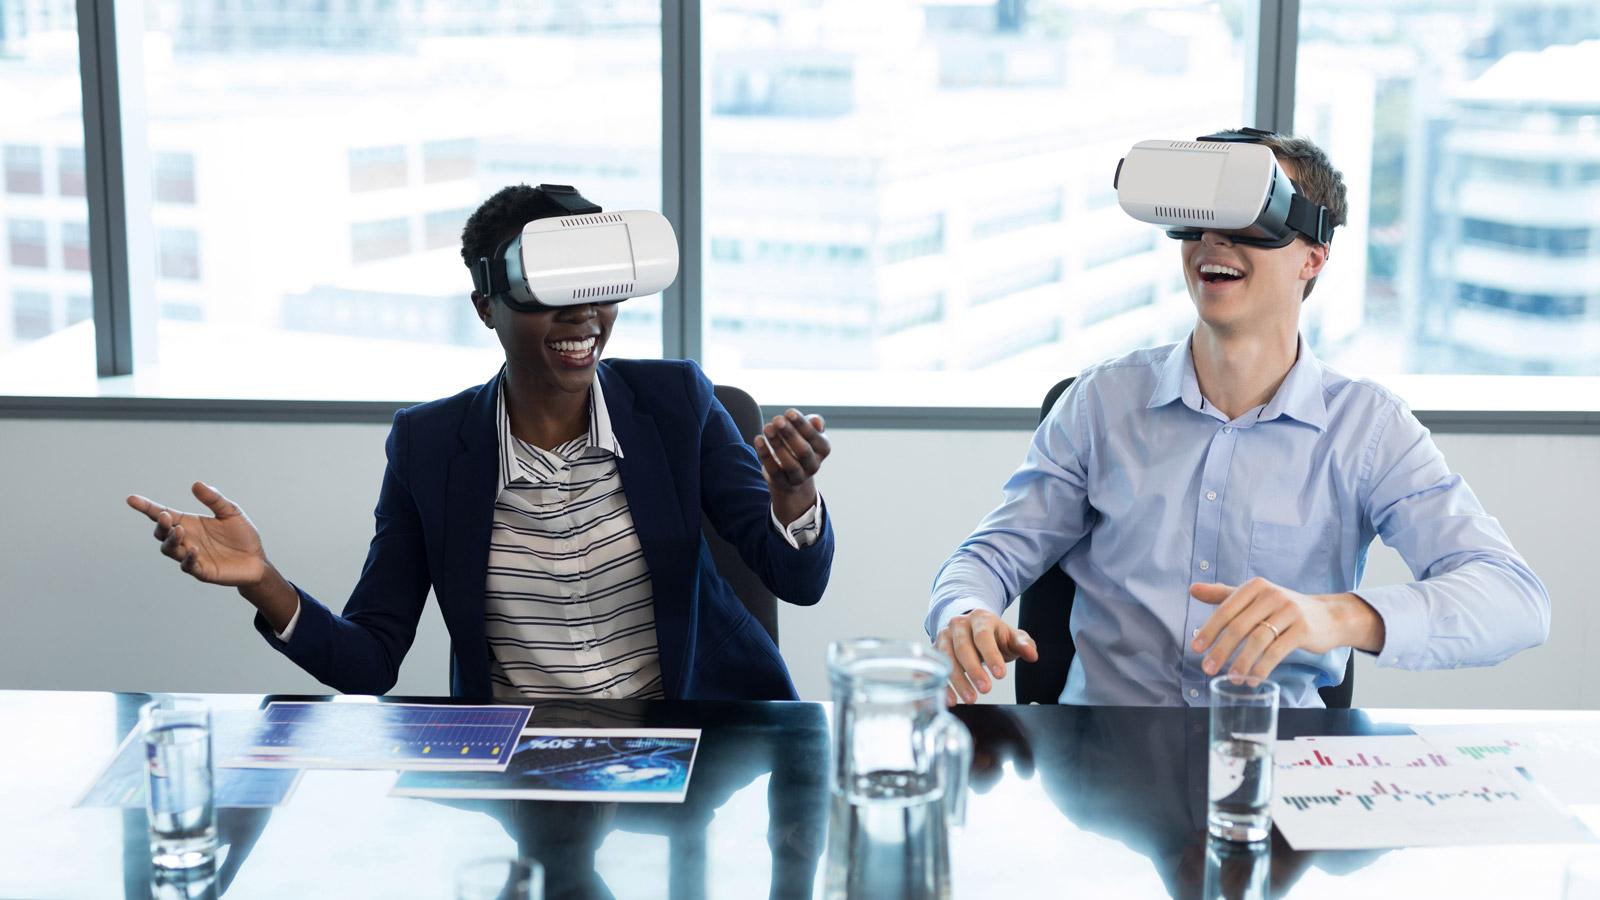 GOOGLE o zawodach przyszłości negocjacje mediarun VR praca biuro zabawa 2019